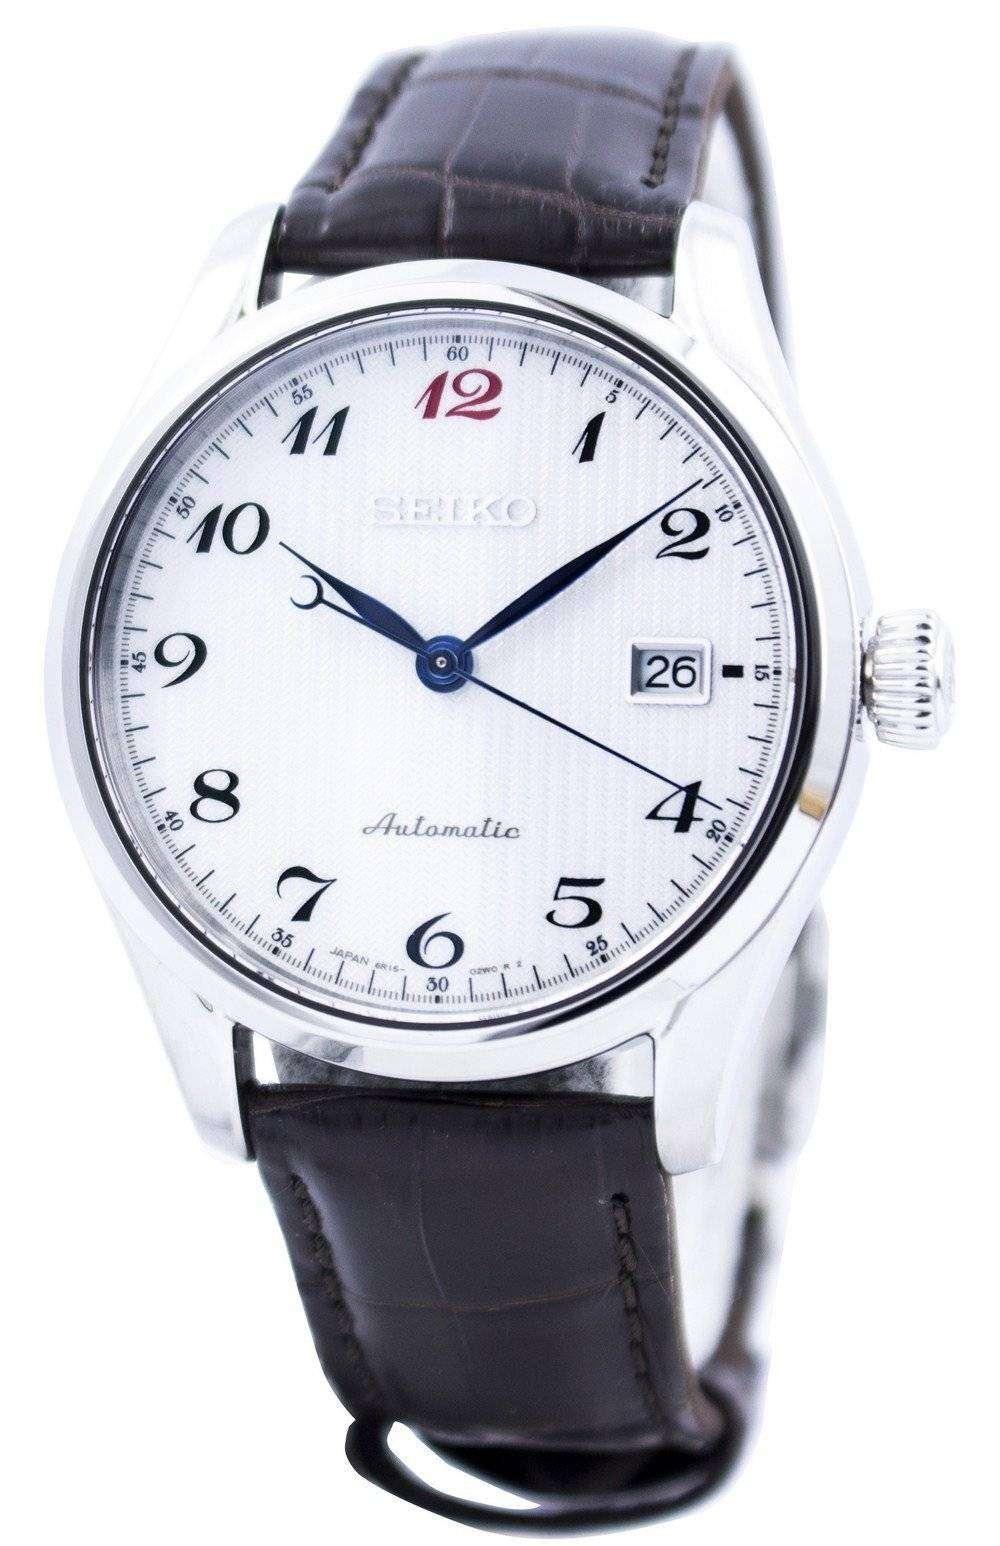 Seiko presage automatic japan made spb039 spb039j1 spb039j men 39 s watch downunderwatches for Watches japan